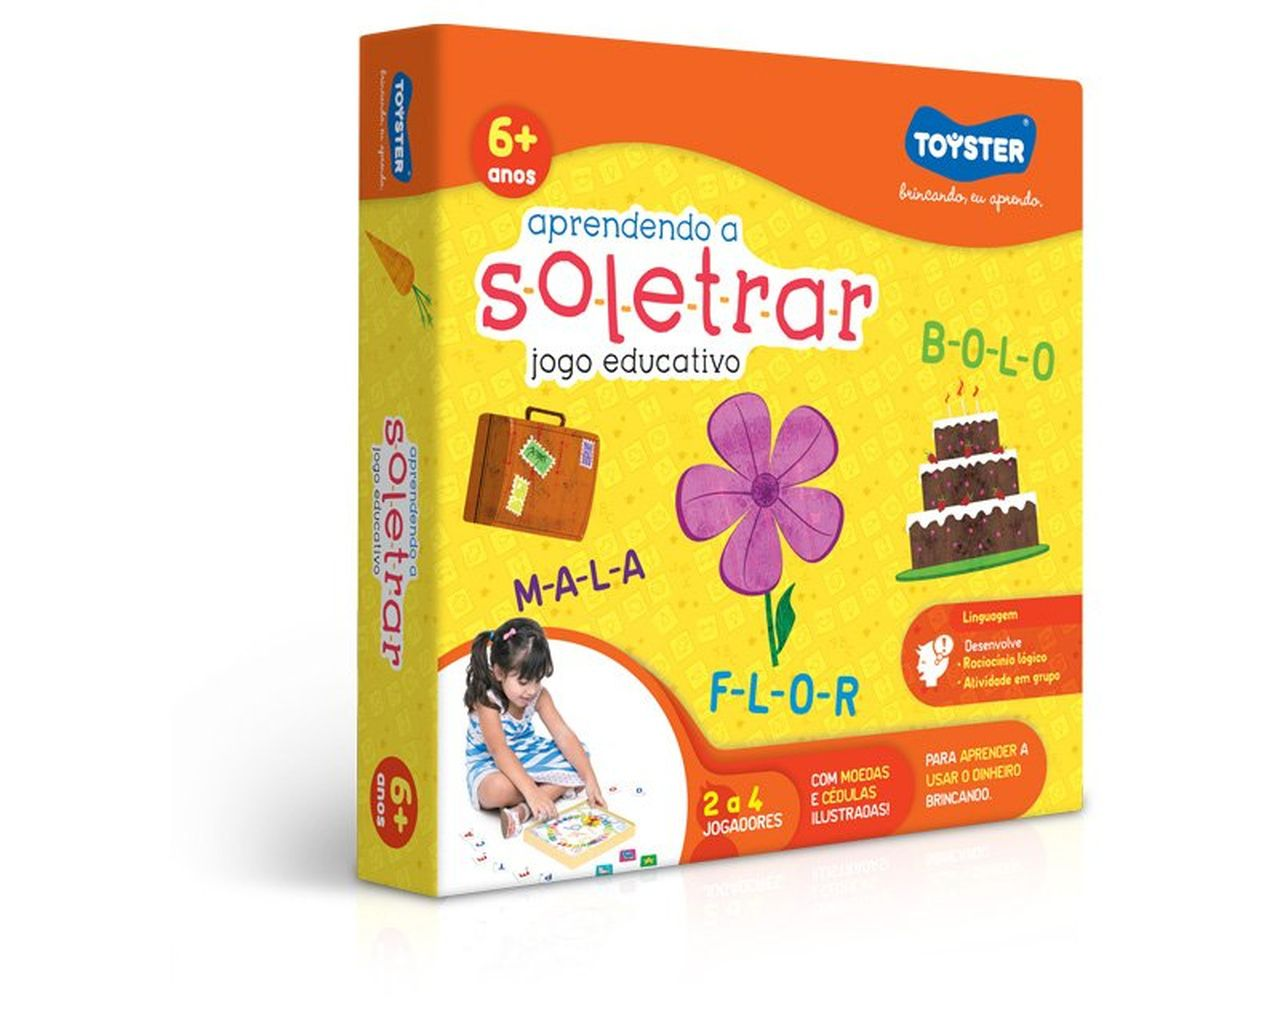 Jogo Educativo Apendendo A Soletrar - Toyster